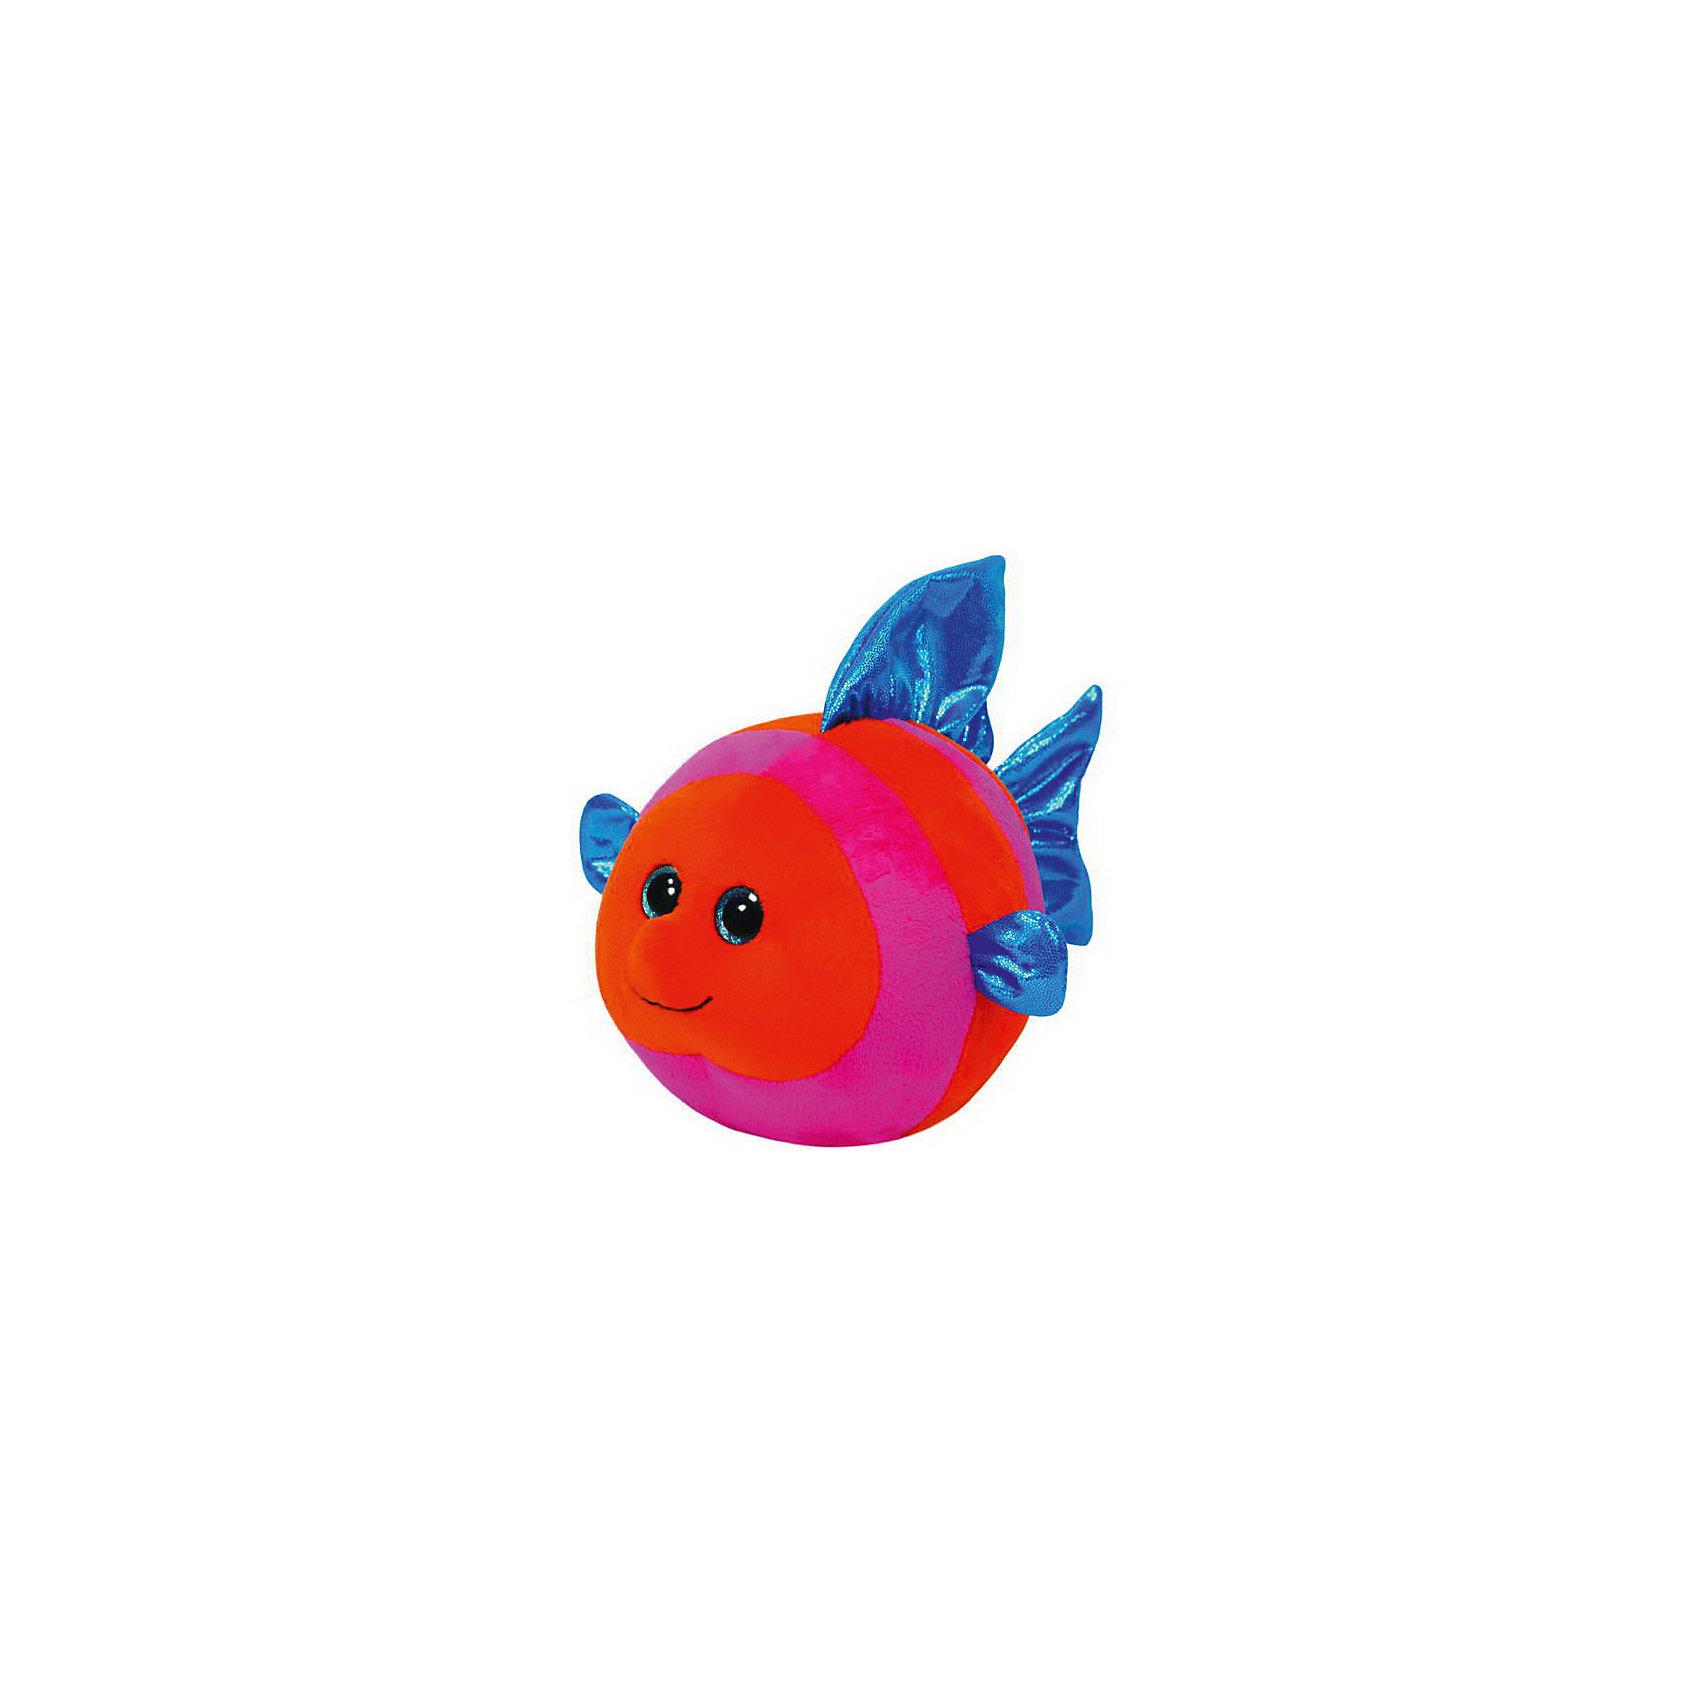 Рыбка Splashy , 12,7 смЗвери и птицы<br>Рыбка Splashy, 12,7 см – игрушка от бренда TY Inc (ТАЙ Инкорпорейтед), знаменитого своими мягкими игрушками, в качестве наполнителя для которых используются гранулы. Рыбка выполнена из качественного и гипоаллергенного плюша в розово-красных тонах, плавники и хвост – из блестящего текстиля. У игрушки большие выразительные глаза. Используемые материалы делают игрушку прочной, устойчивой к изменению цвета и формы, ее разрешается стирать.<br>Рыбка Splashy, 12,7 см TY Inc непременно станет любимой игрушкой для вашего ребенка, а уникальный наполнитель будет способствовать  не  только развитию мелкой моторики пальцев, но и оказывать релаксирующее воздействие. <br><br>Дополнительная информация:<br><br>- Вид игр: сюжетно-ролевые игры, интерьерные игрушки, для коллекционирования<br>- Предназначение: для дома<br>- Материал: плюш, пластик, наполнитель ? гранулы<br>- Высота: 12,7 см <br>- Особенности ухода: разрешается стирка<br>Подробнее:<br><br>• Для детей в возрасте: от 12 месяцев и до 5 лет <br>• Страна производитель: Китай<br>• Торговый бренд: TY Inc <br><br>Рыбку Splashy, 12,7 см можно купить в нашем интернет-магазине.<br><br>Ширина мм: 169<br>Глубина мм: 126<br>Высота мм: 106<br>Вес г: 94<br>Возраст от месяцев: 12<br>Возраст до месяцев: 60<br>Пол: Унисекс<br>Возраст: Детский<br>SKU: 3600618